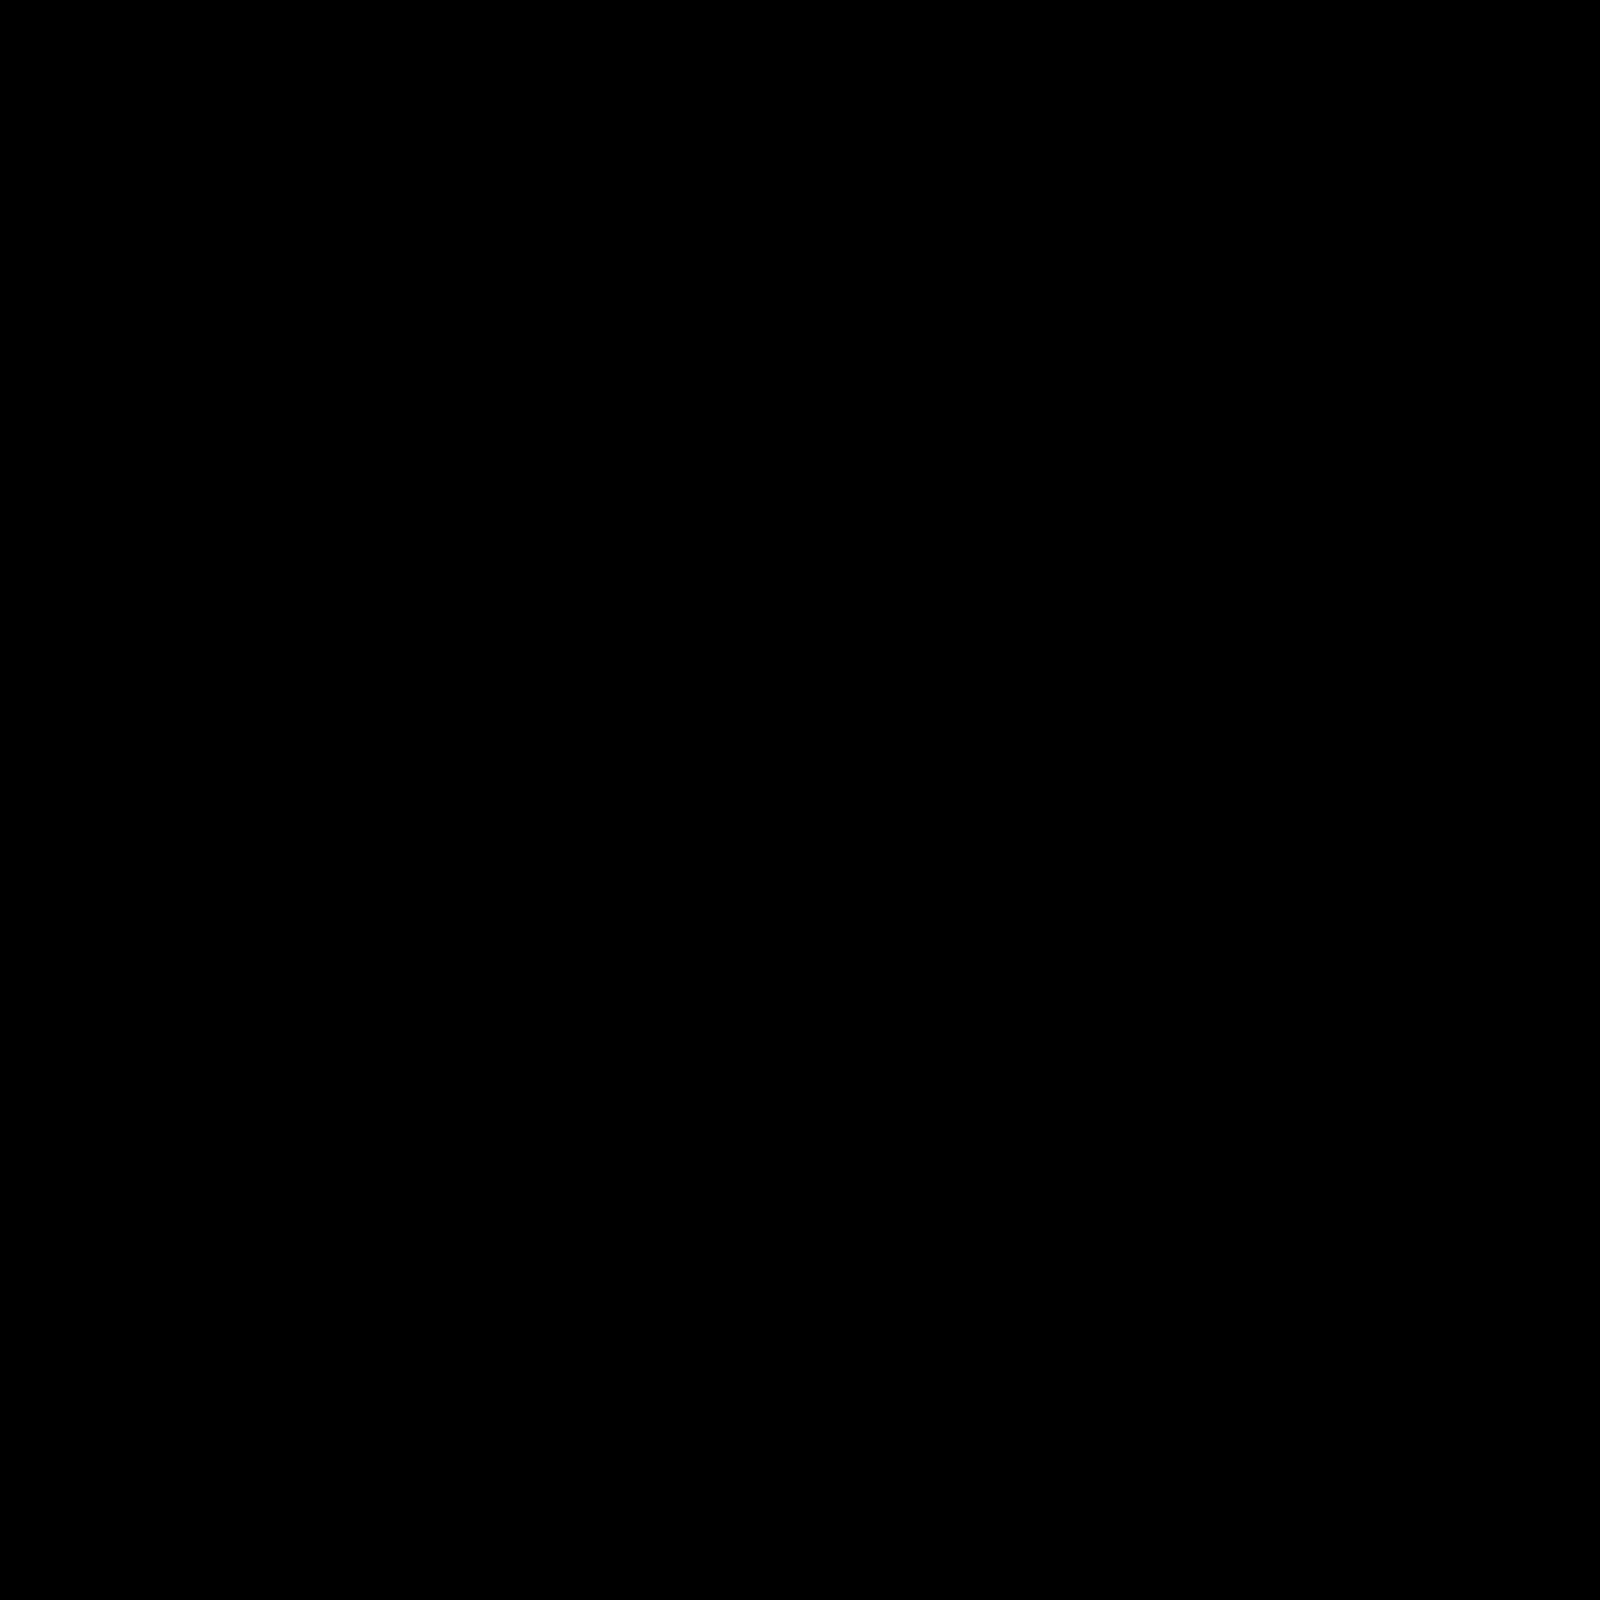 Połączenie konferencyjne icon